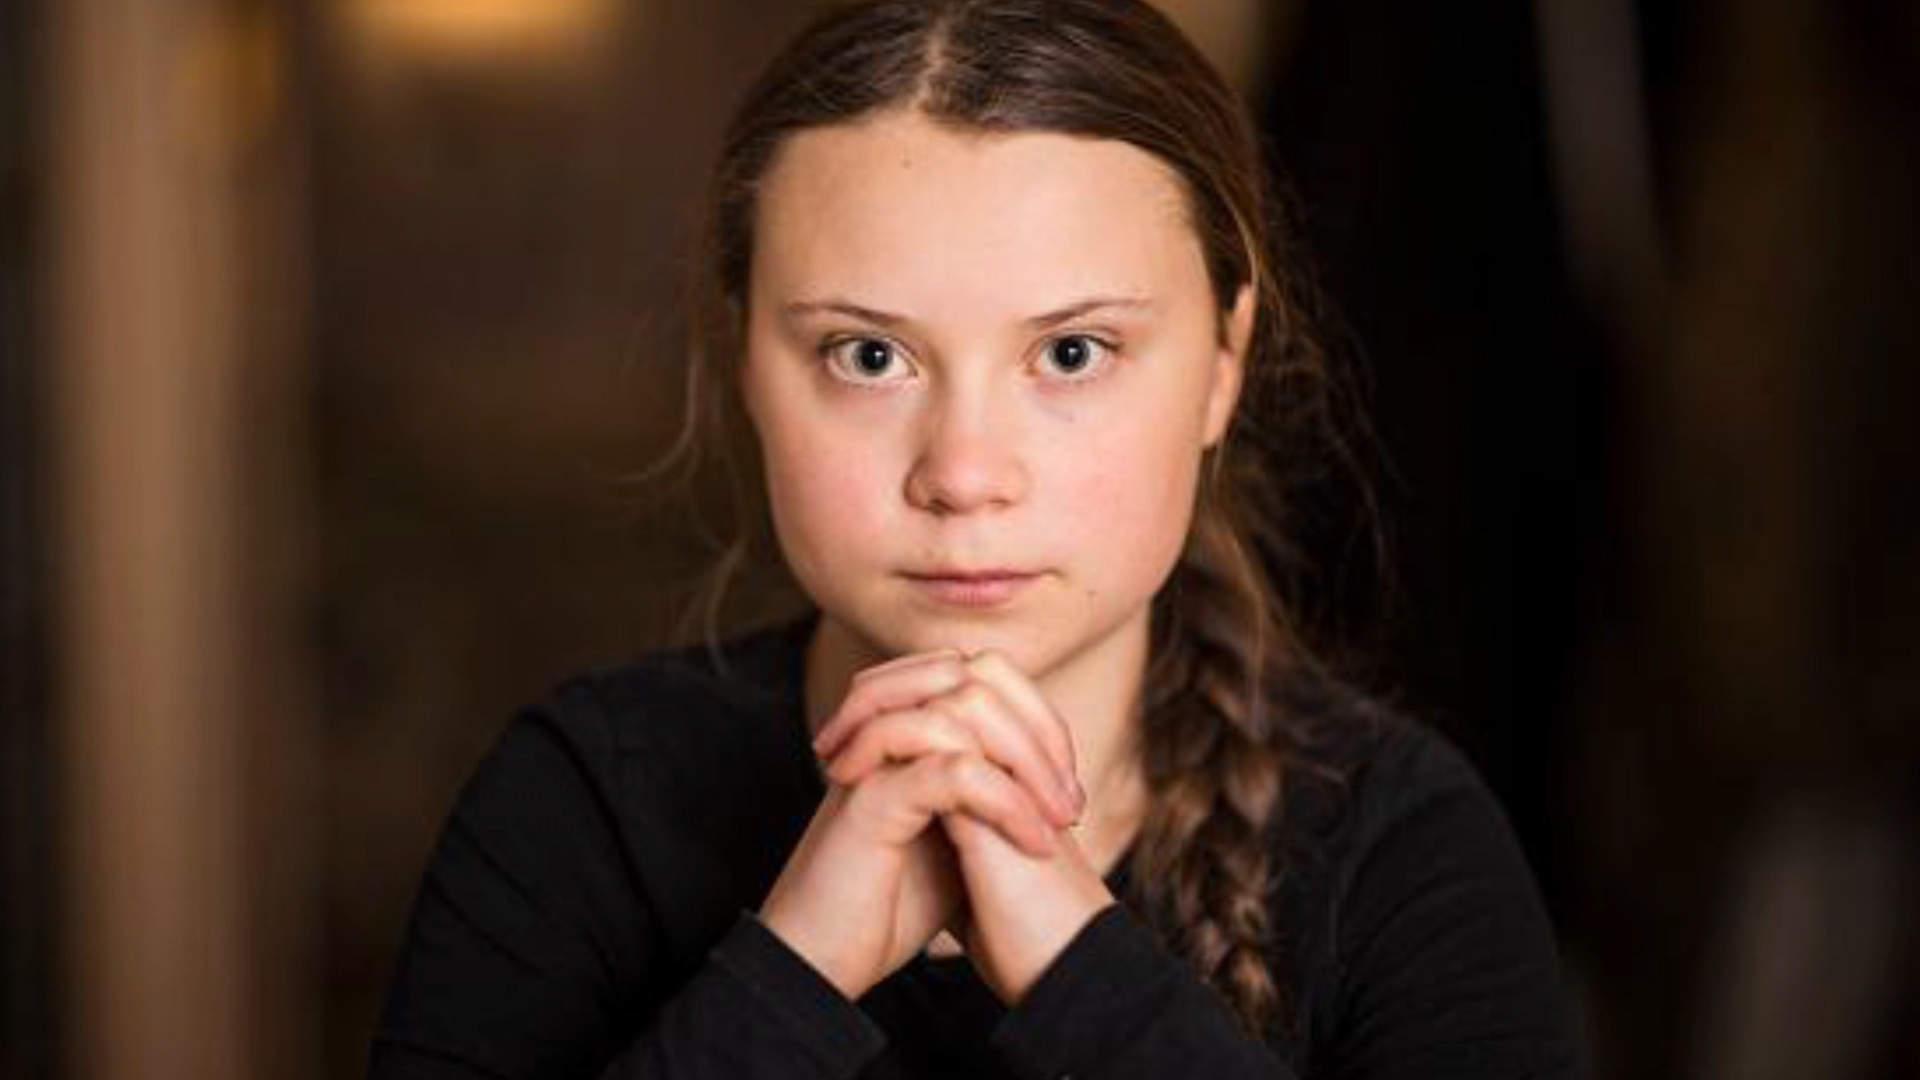 Michelle Obama comes to defense of Greta Thunberg